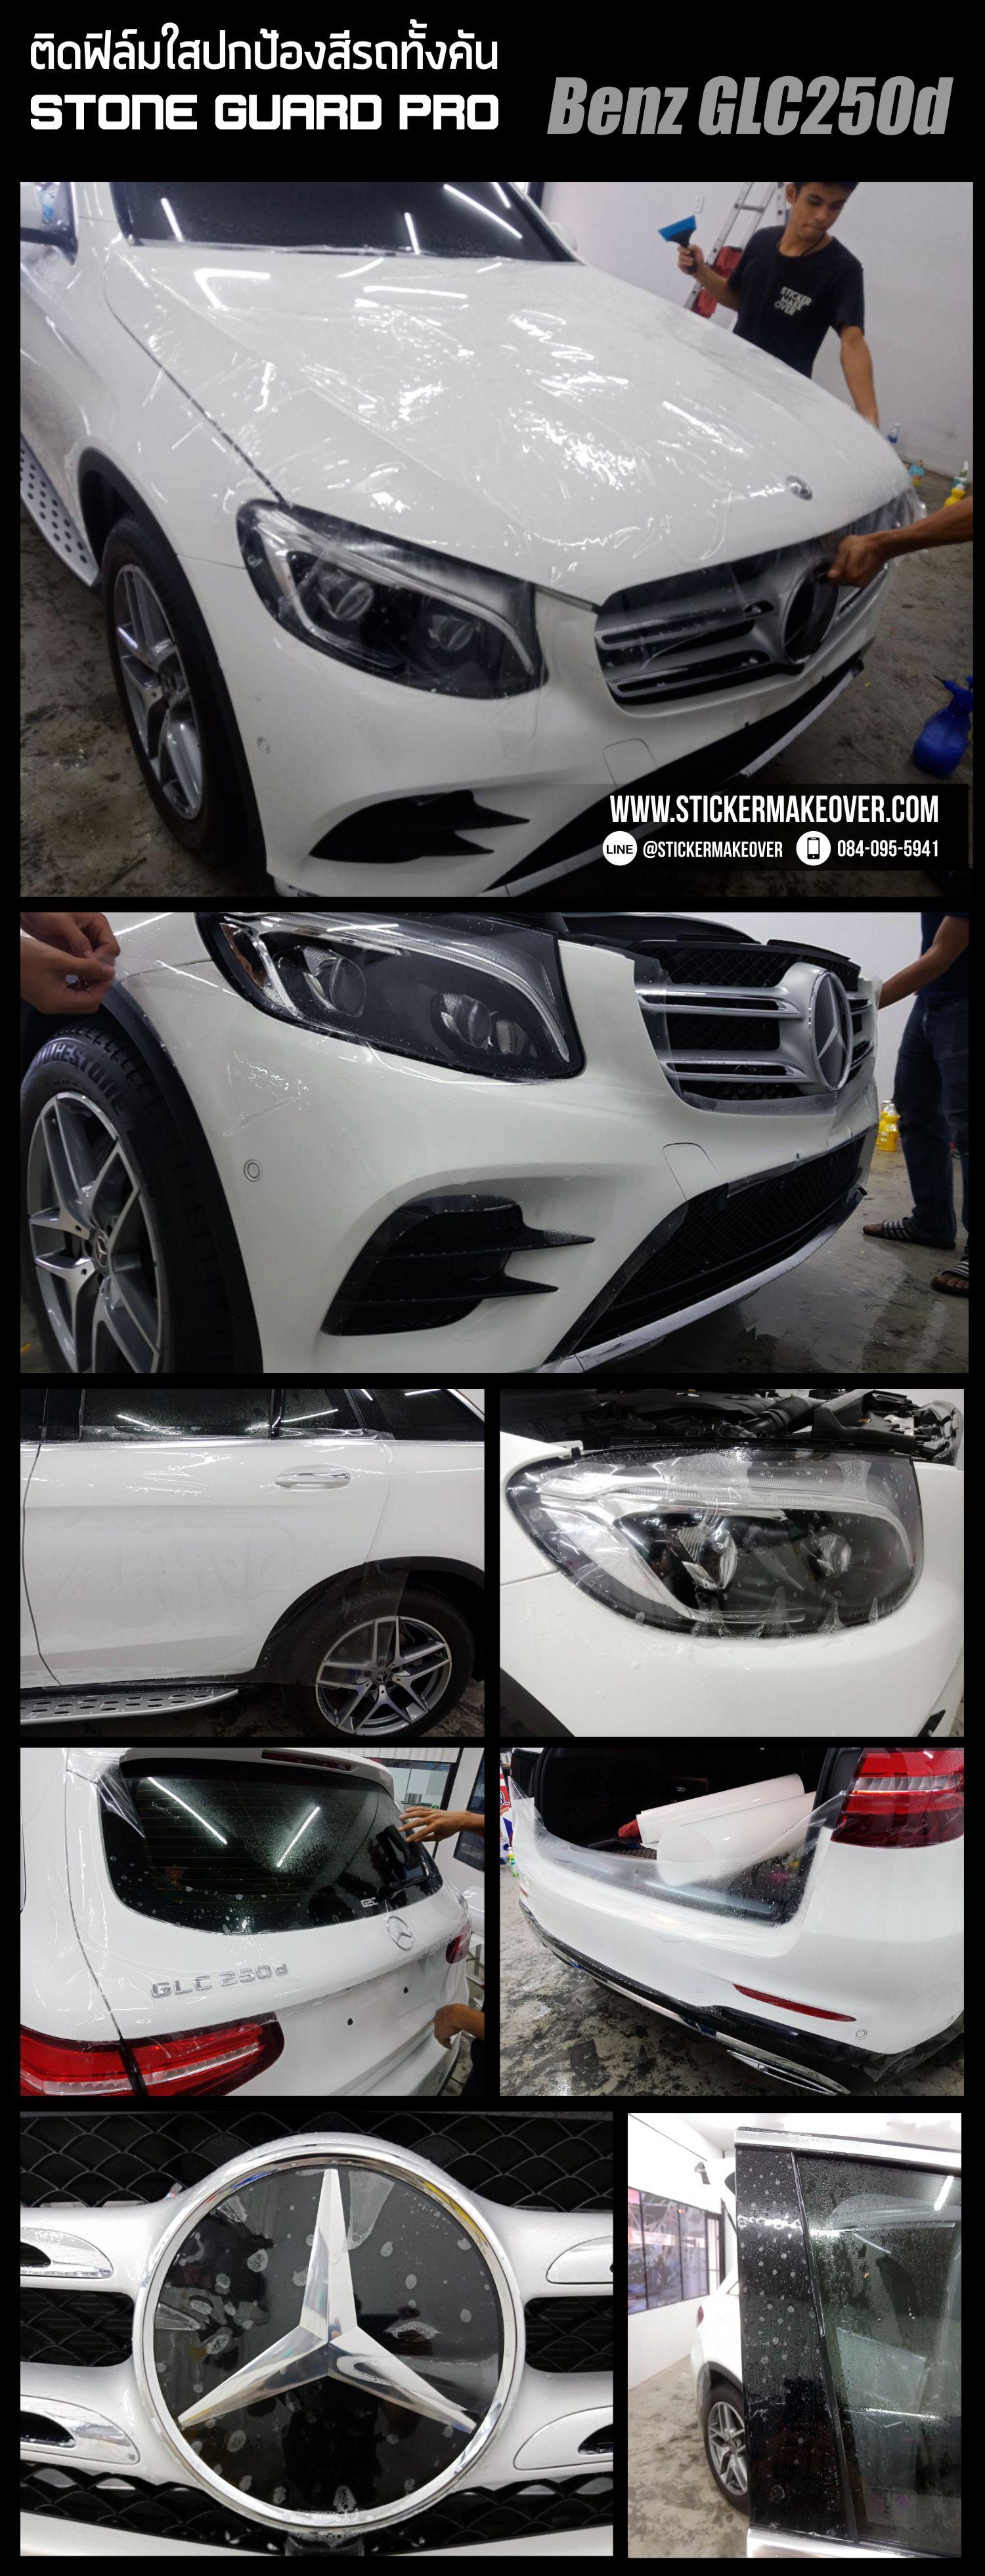 ฟิล์มใสกันรอยรถยนต์ ฟิล์มใสกันสะเก็ดหิน ฟิล์มปกป้องสีรถ paint protection film ppf benz glc250d